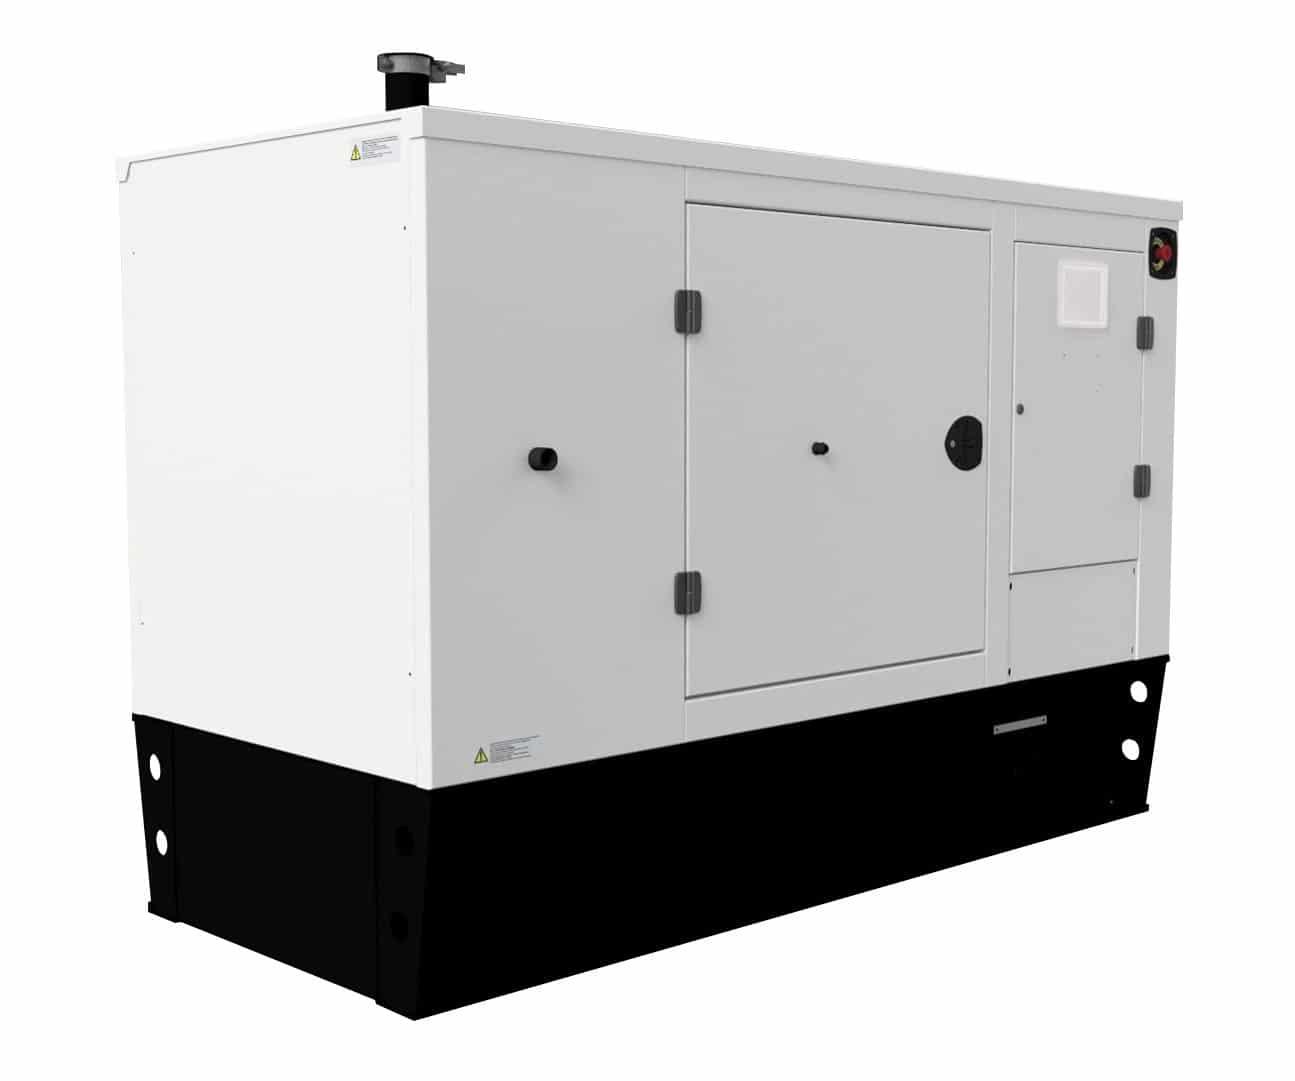 Perkins Stamford 100 kVA Silent Diesel Generator